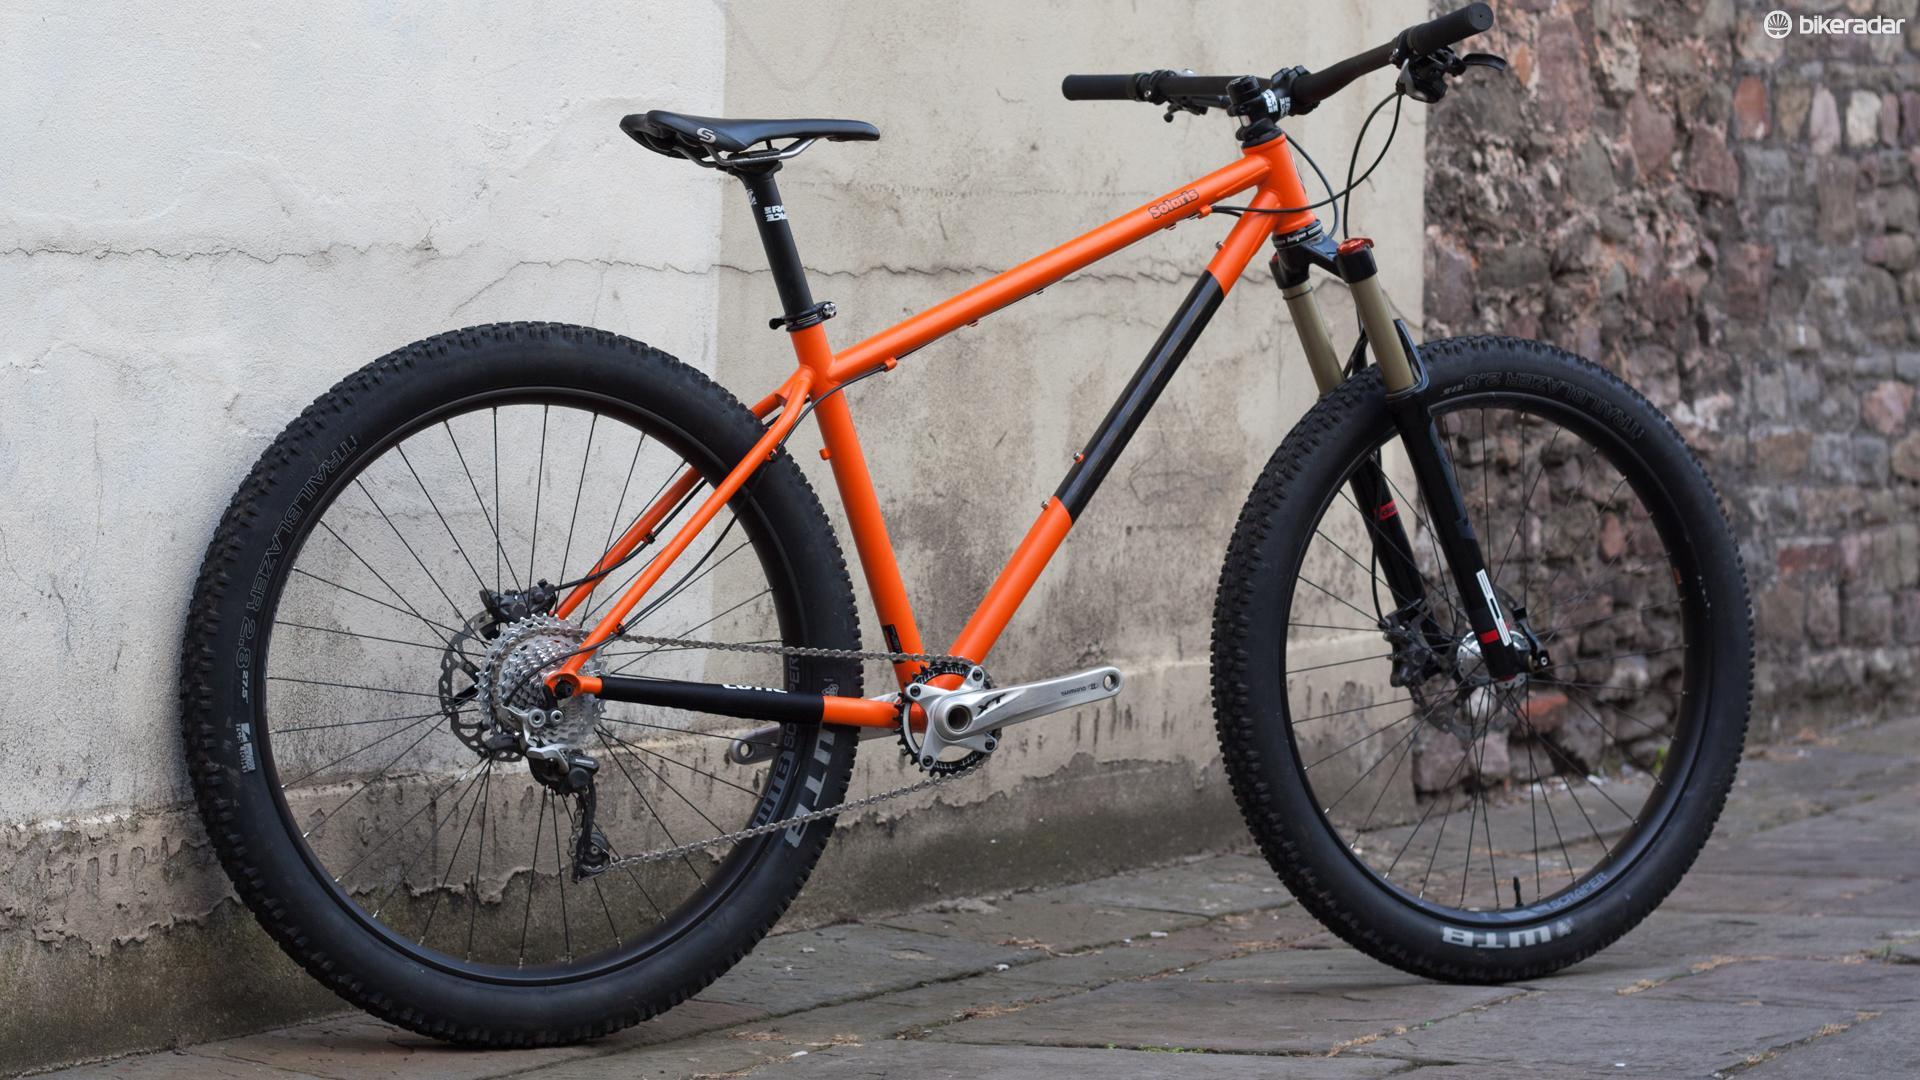 Matte Black Paint For Bike Frame